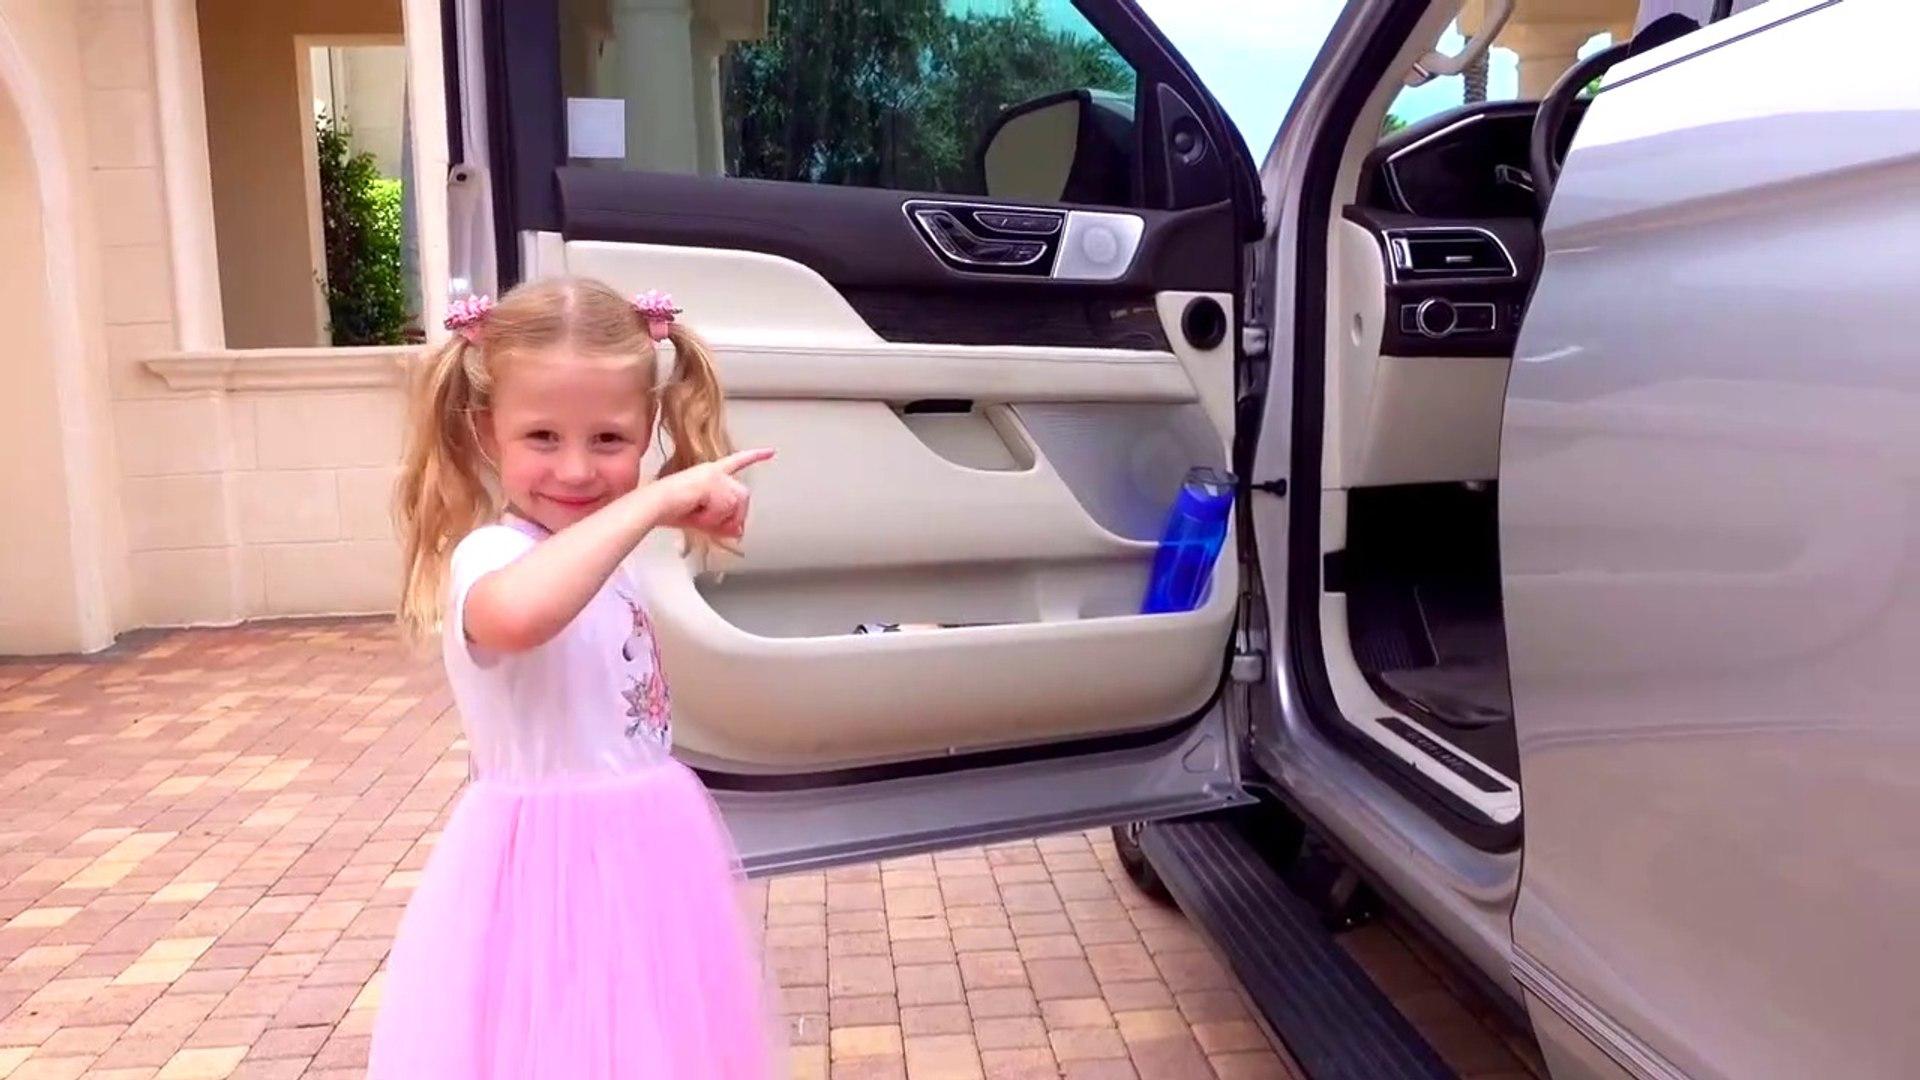 ستايسي وقواعد السلوك للأطفال - أغاني الأطفال ، وتعلم الألوان ، والتظاهر اللعب ، والفيديو للأطفال ، ح